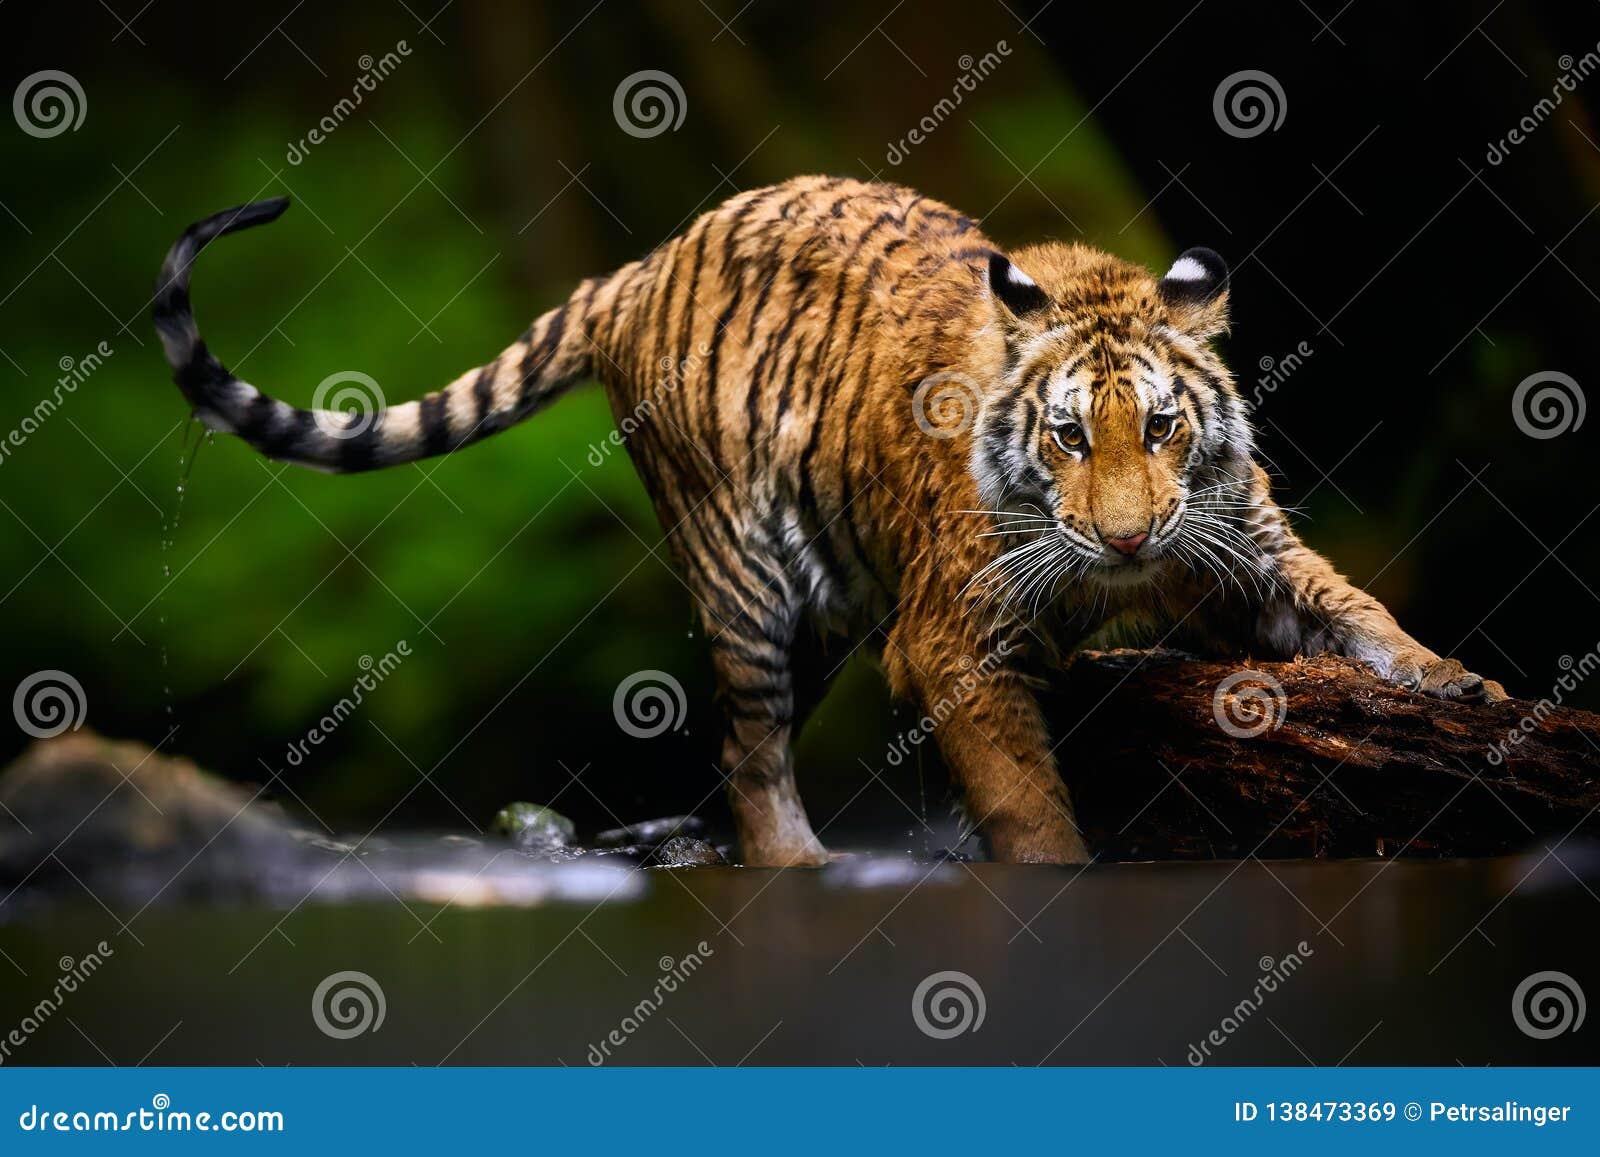 Красивый молодой сибирский тигр - altaica Тигра пантеры играет в реке с большой древесиной Сцена живой природы действия